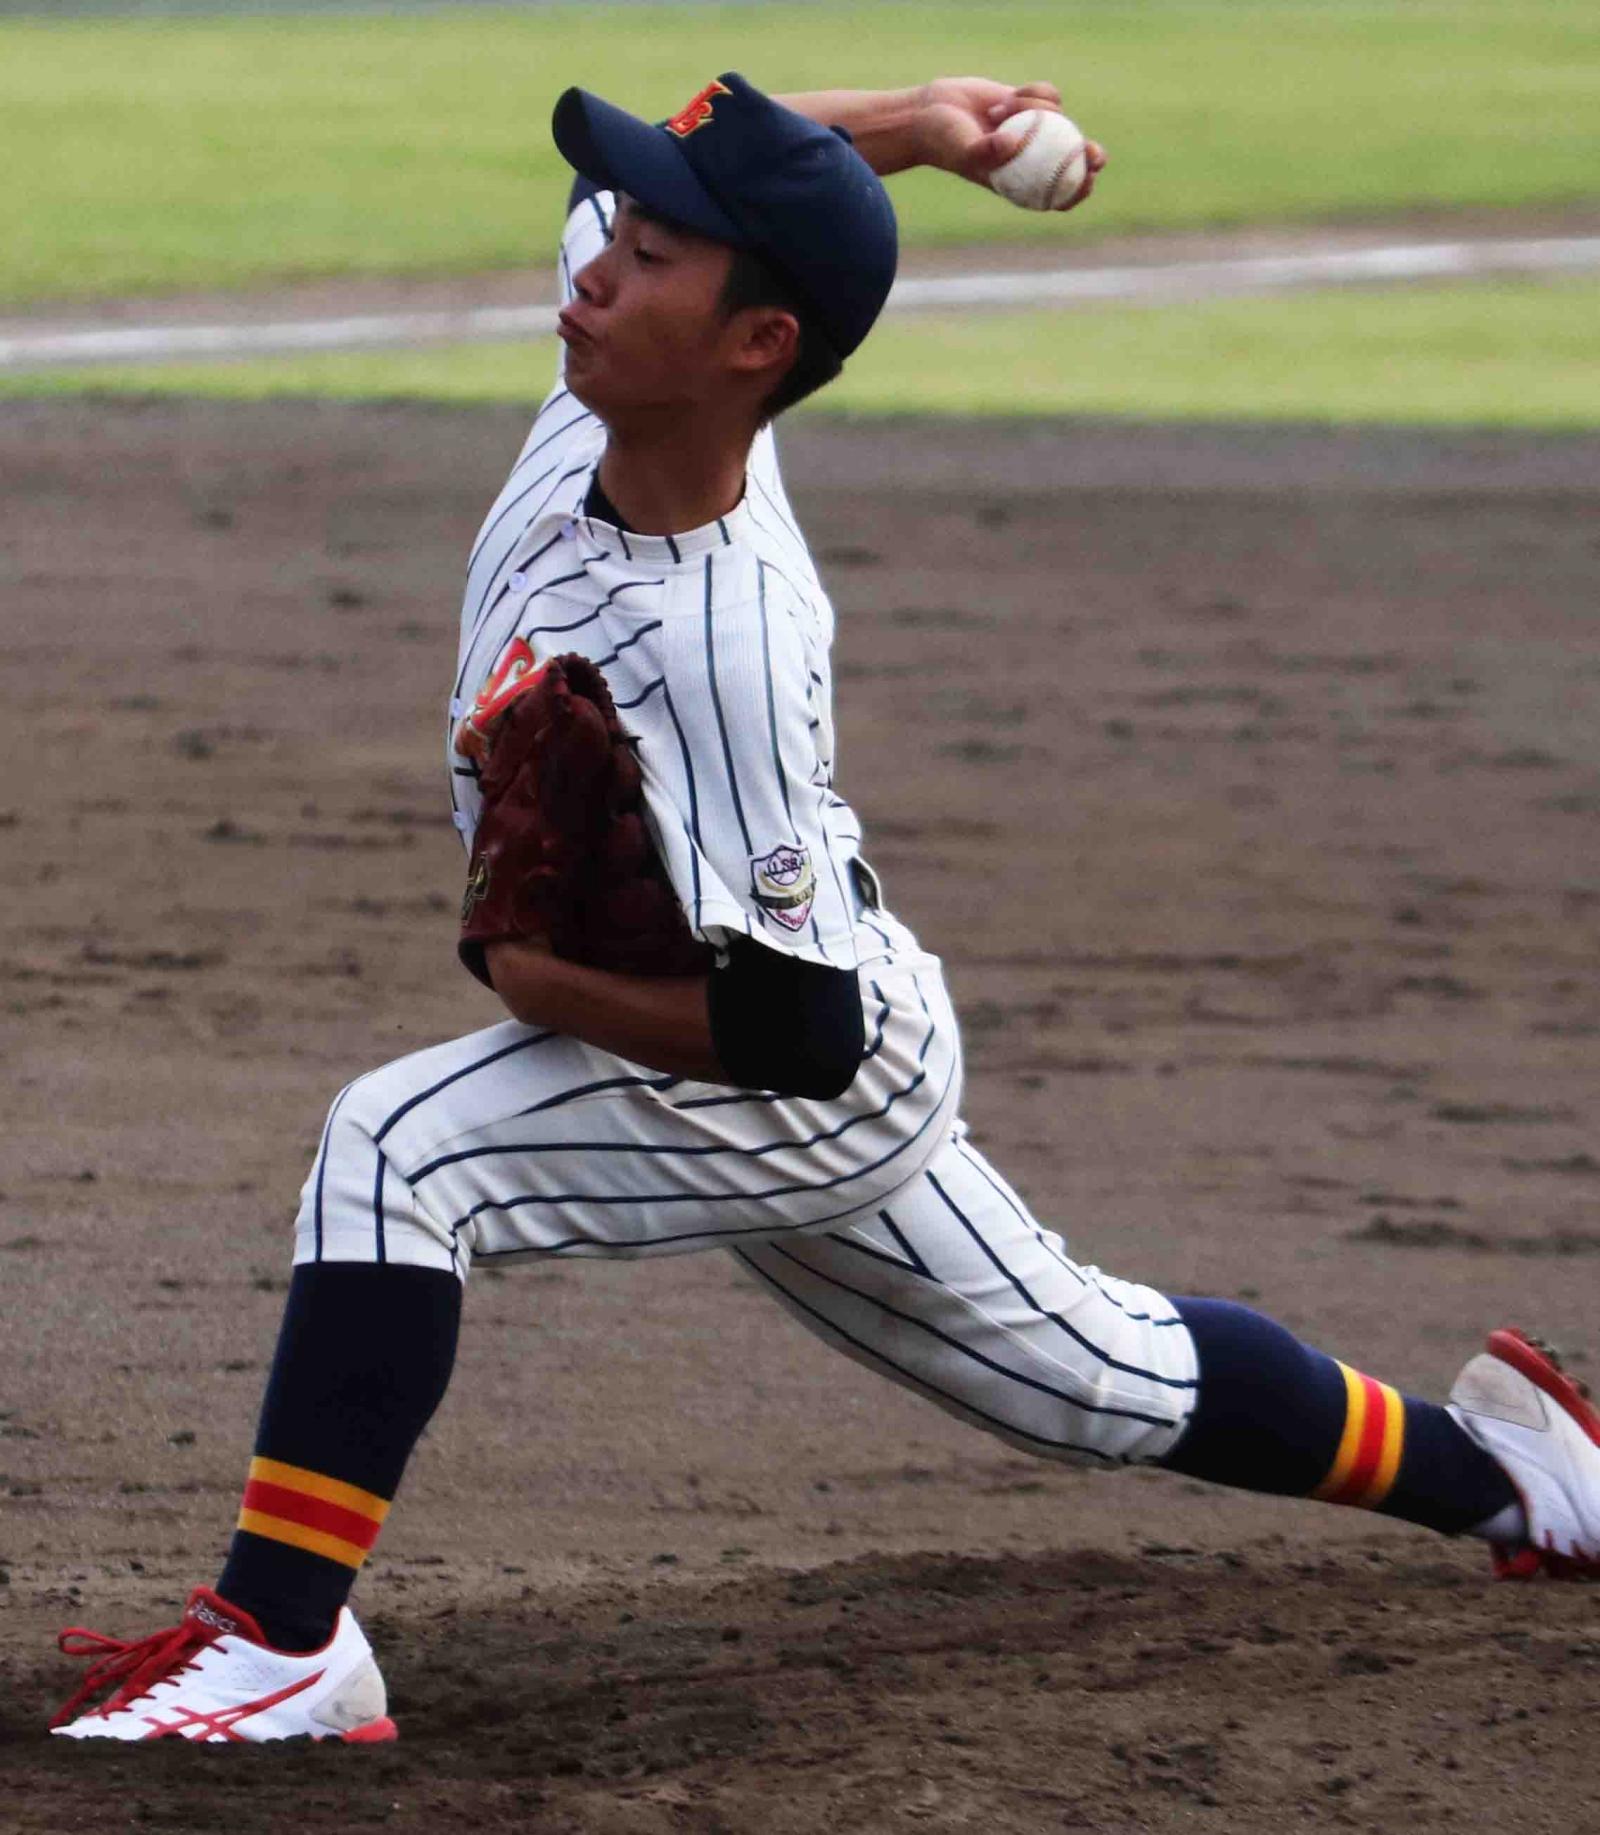 静岡野球スカウティングレポート